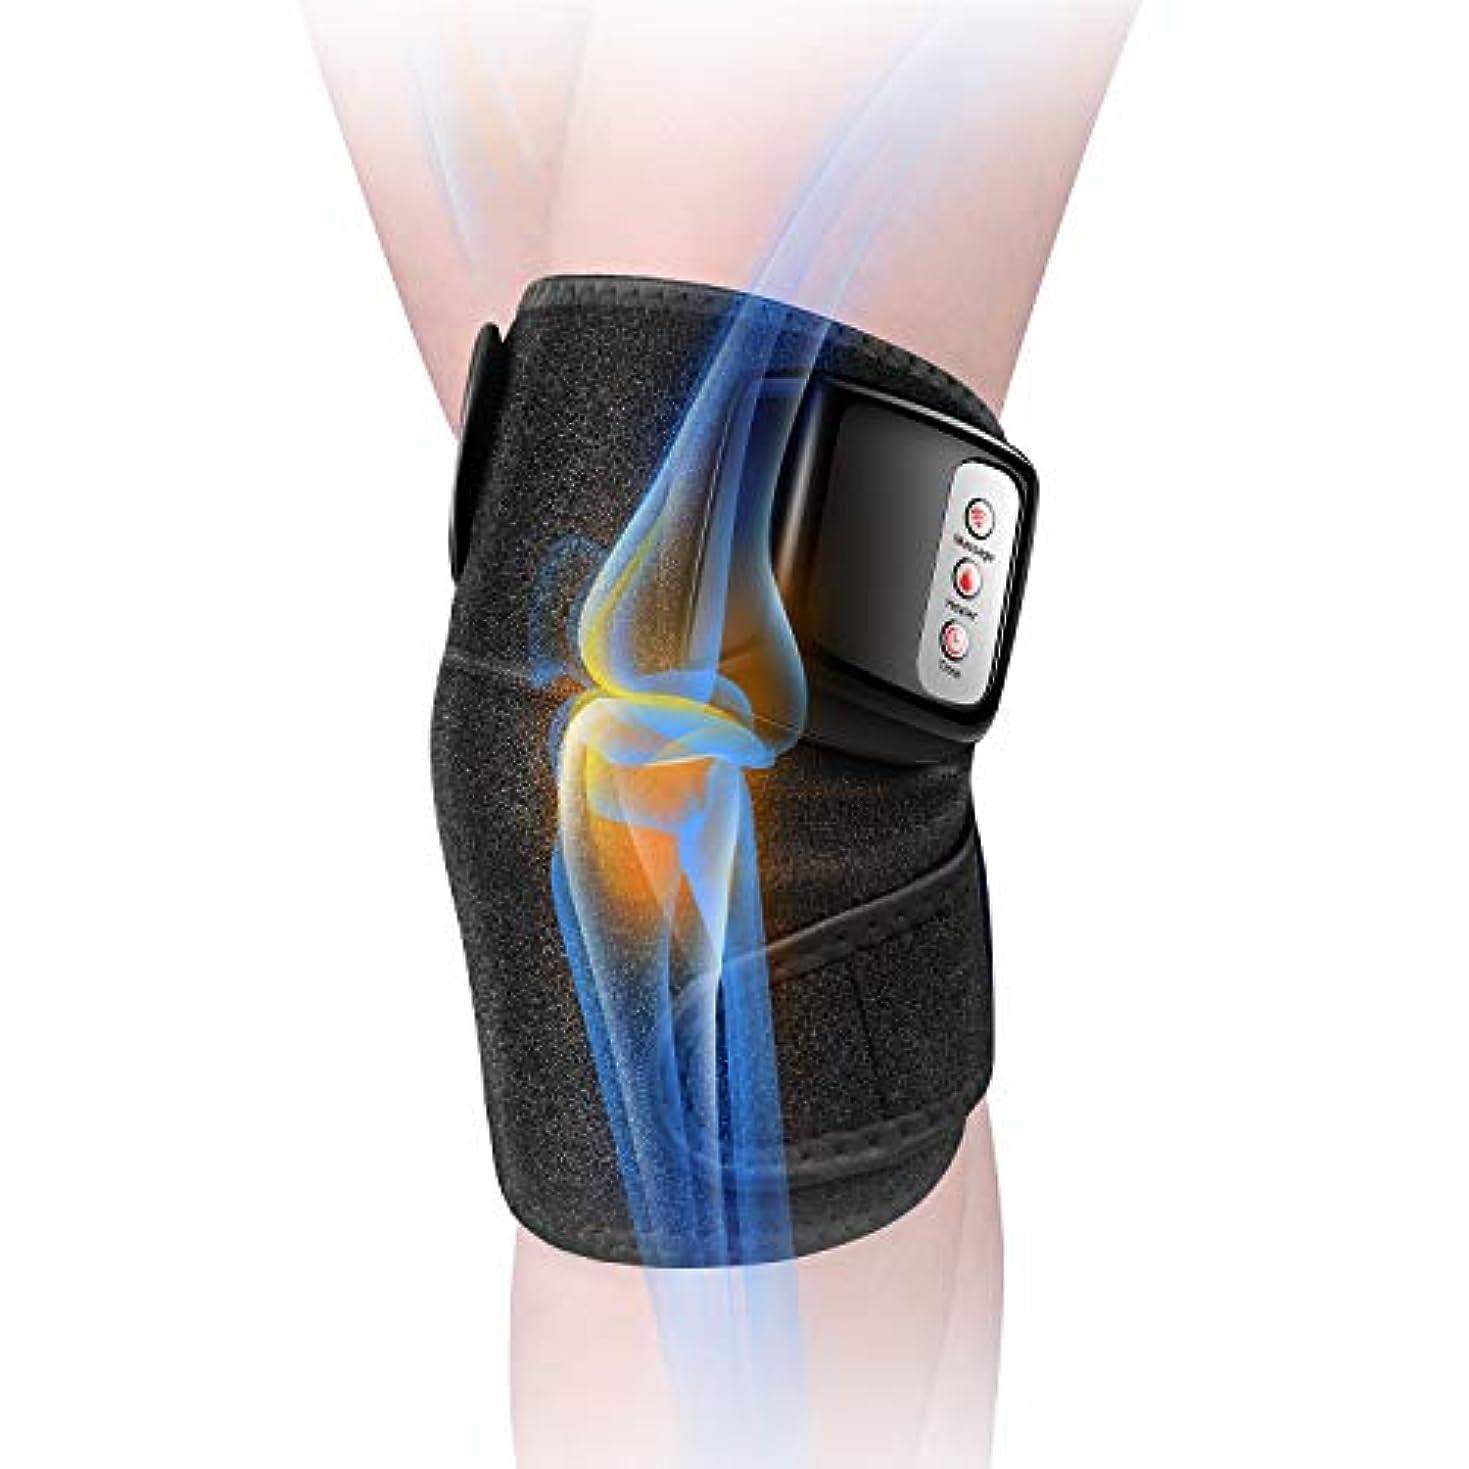 日帰り旅行にコントロール耕す膝マッサージャー 関節マッサージャー マッサージ器 フットマッサージャー 振動 赤外線療法 温熱療法 膝サポーター ストレス解消 肩 太もも/腕対応